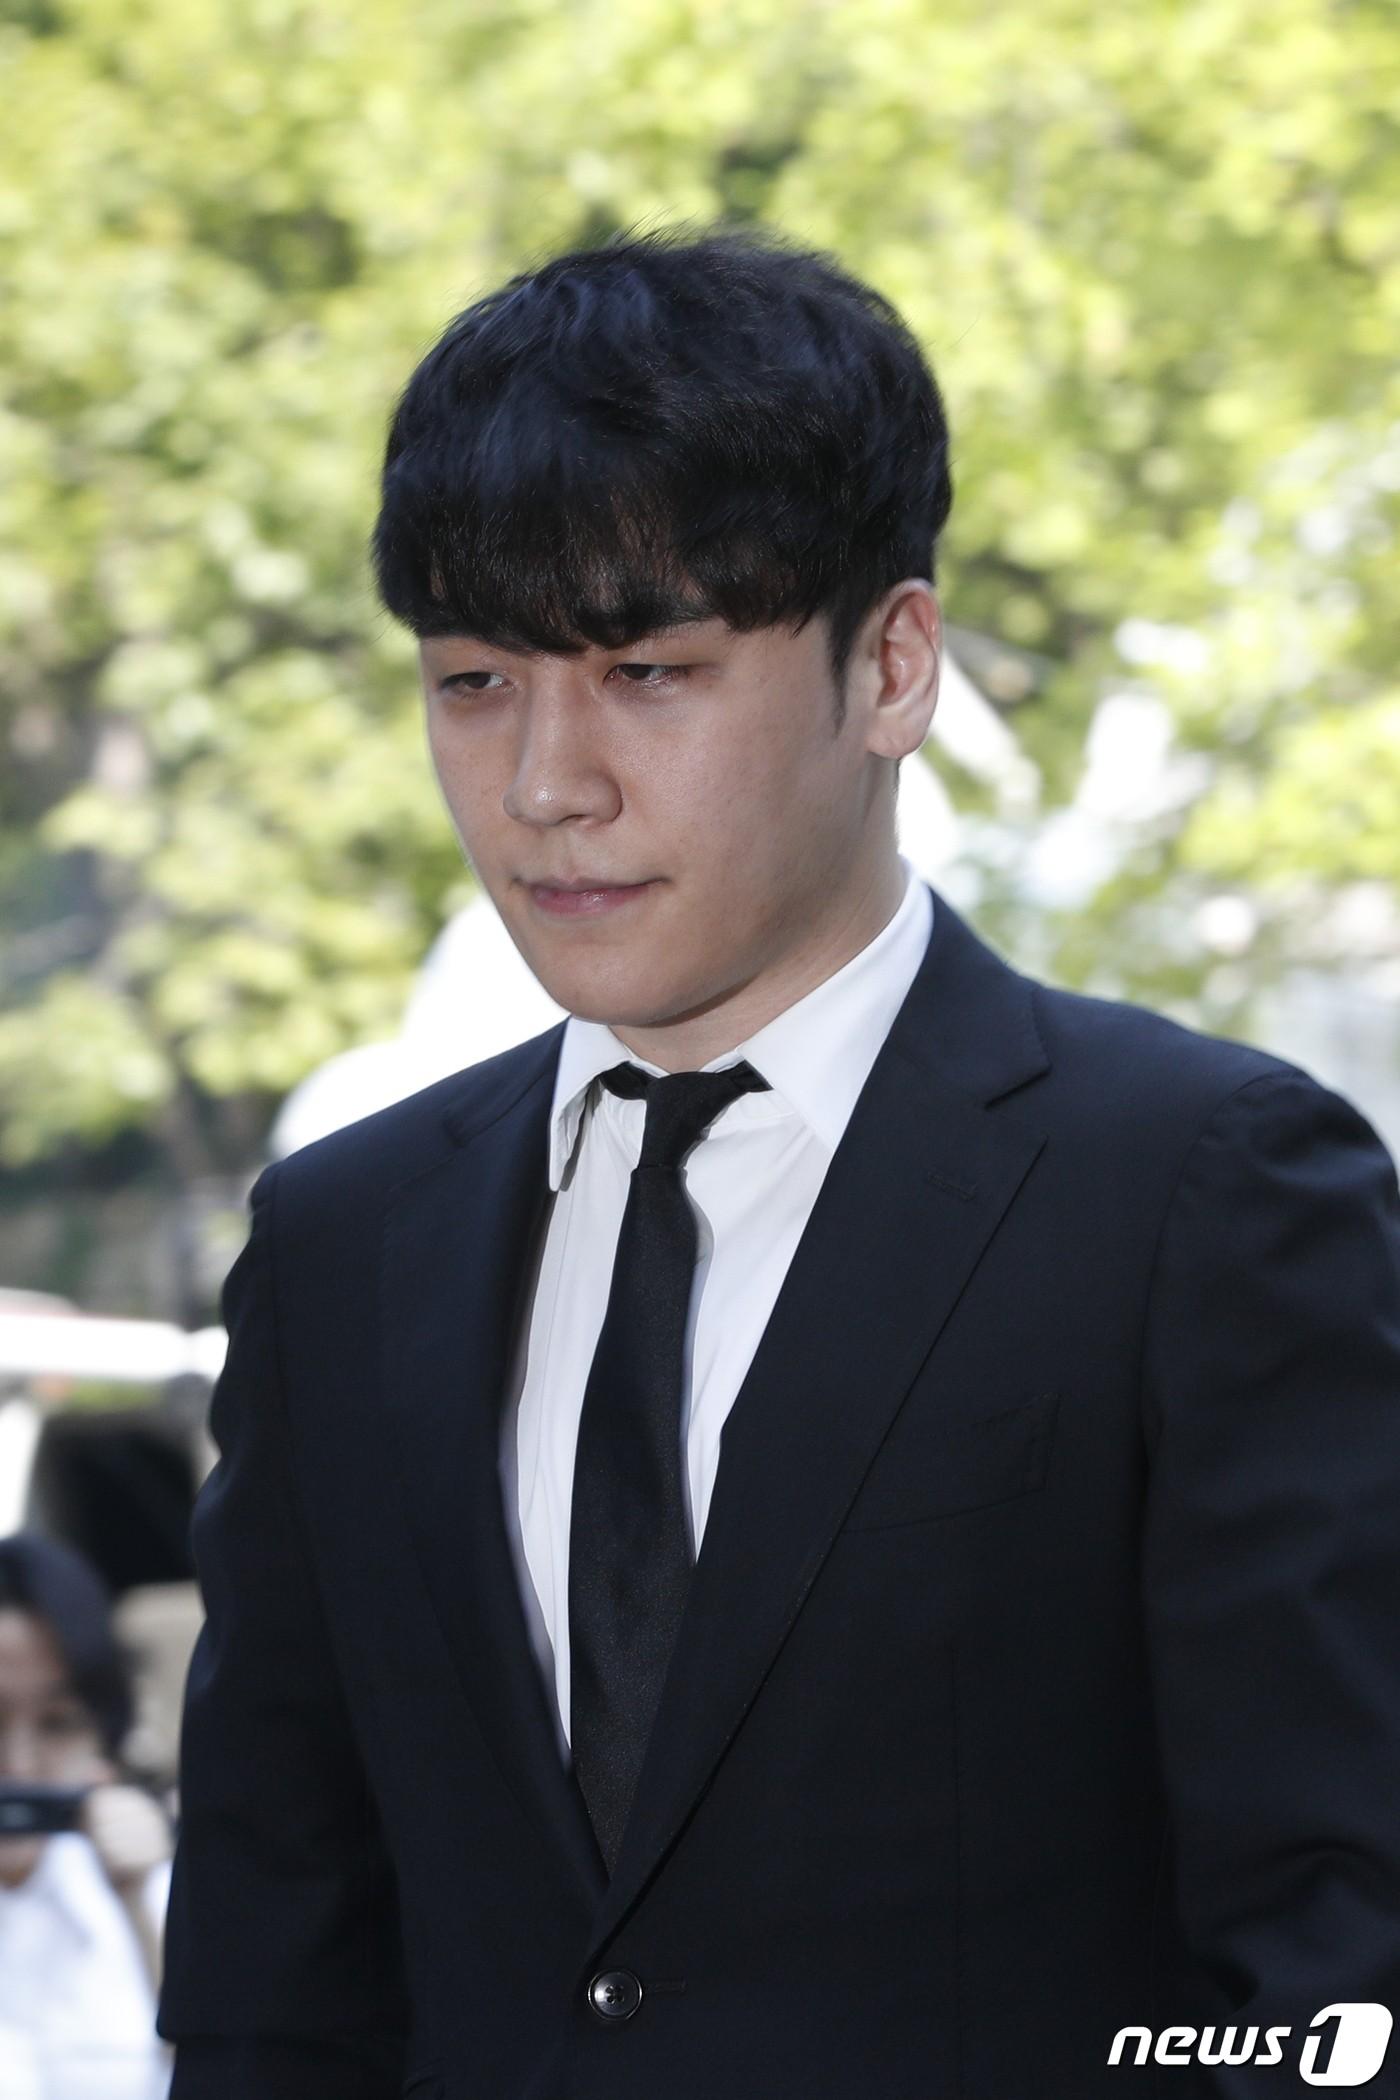 Seungri đã có mặt tại tòa để chờ lệnh bắt: Vẫn bình tĩnh dù cảnh sát xác nhận giữ bằng chứng mua dâm - Ảnh 8.